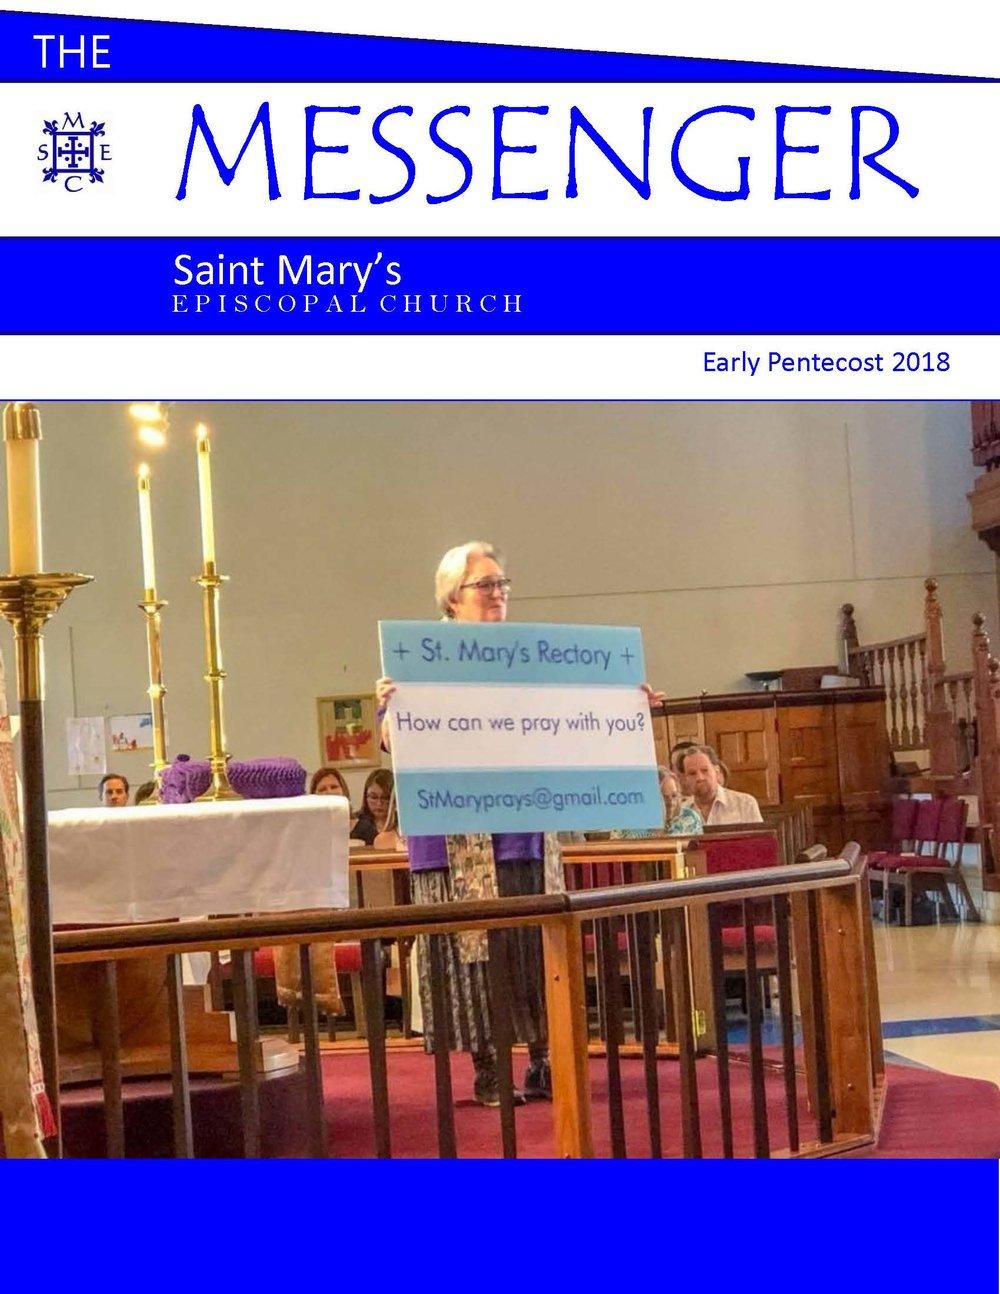 Messenger Summer 2018 Cover.jpg